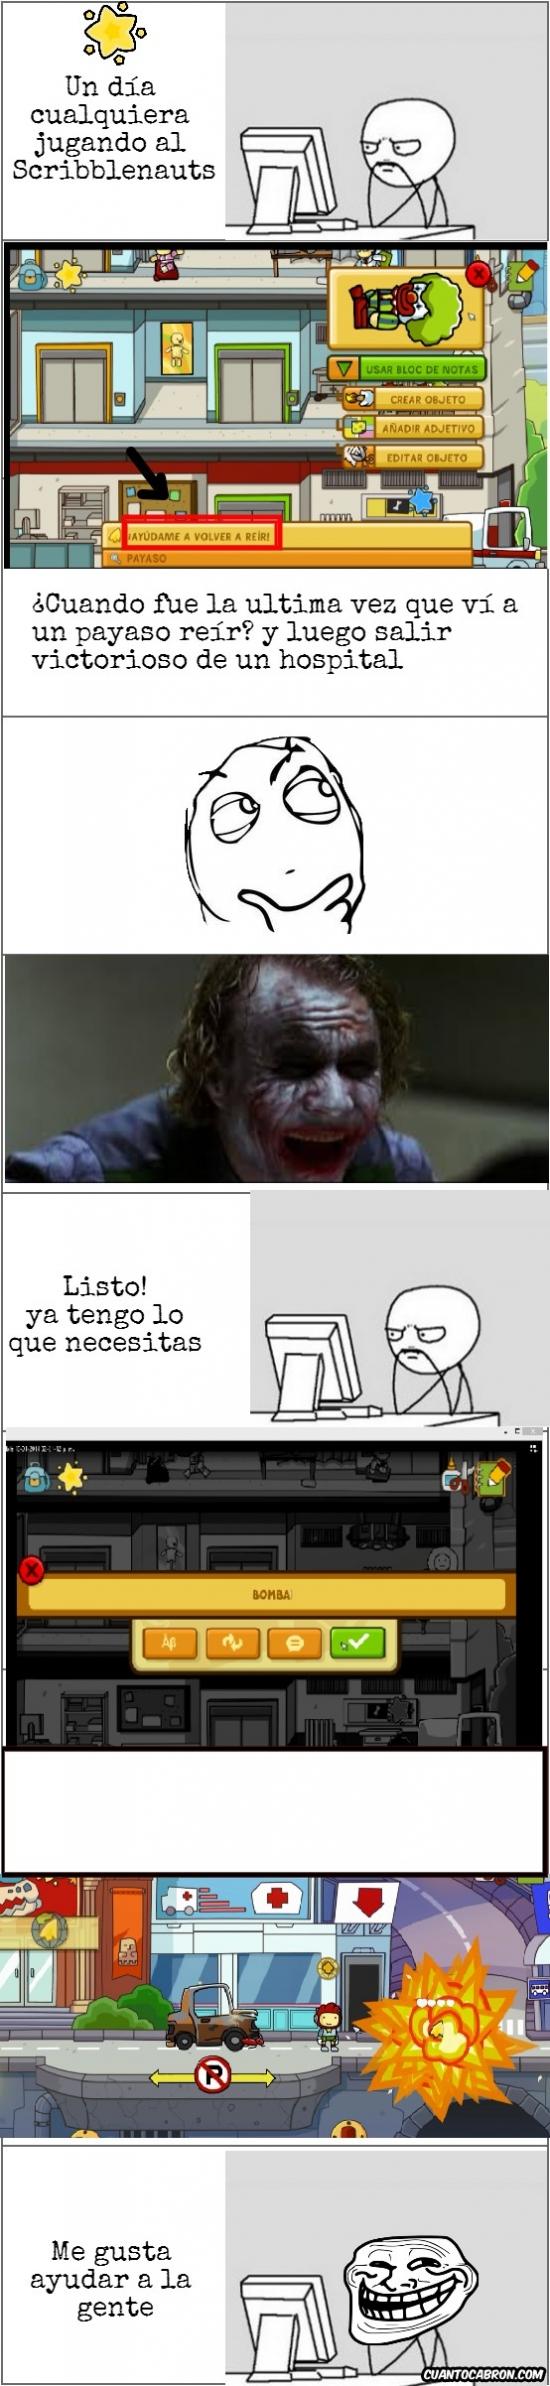 explosion,hospital,joker,payaso,Scribblenauts,temavideojuegos,troll